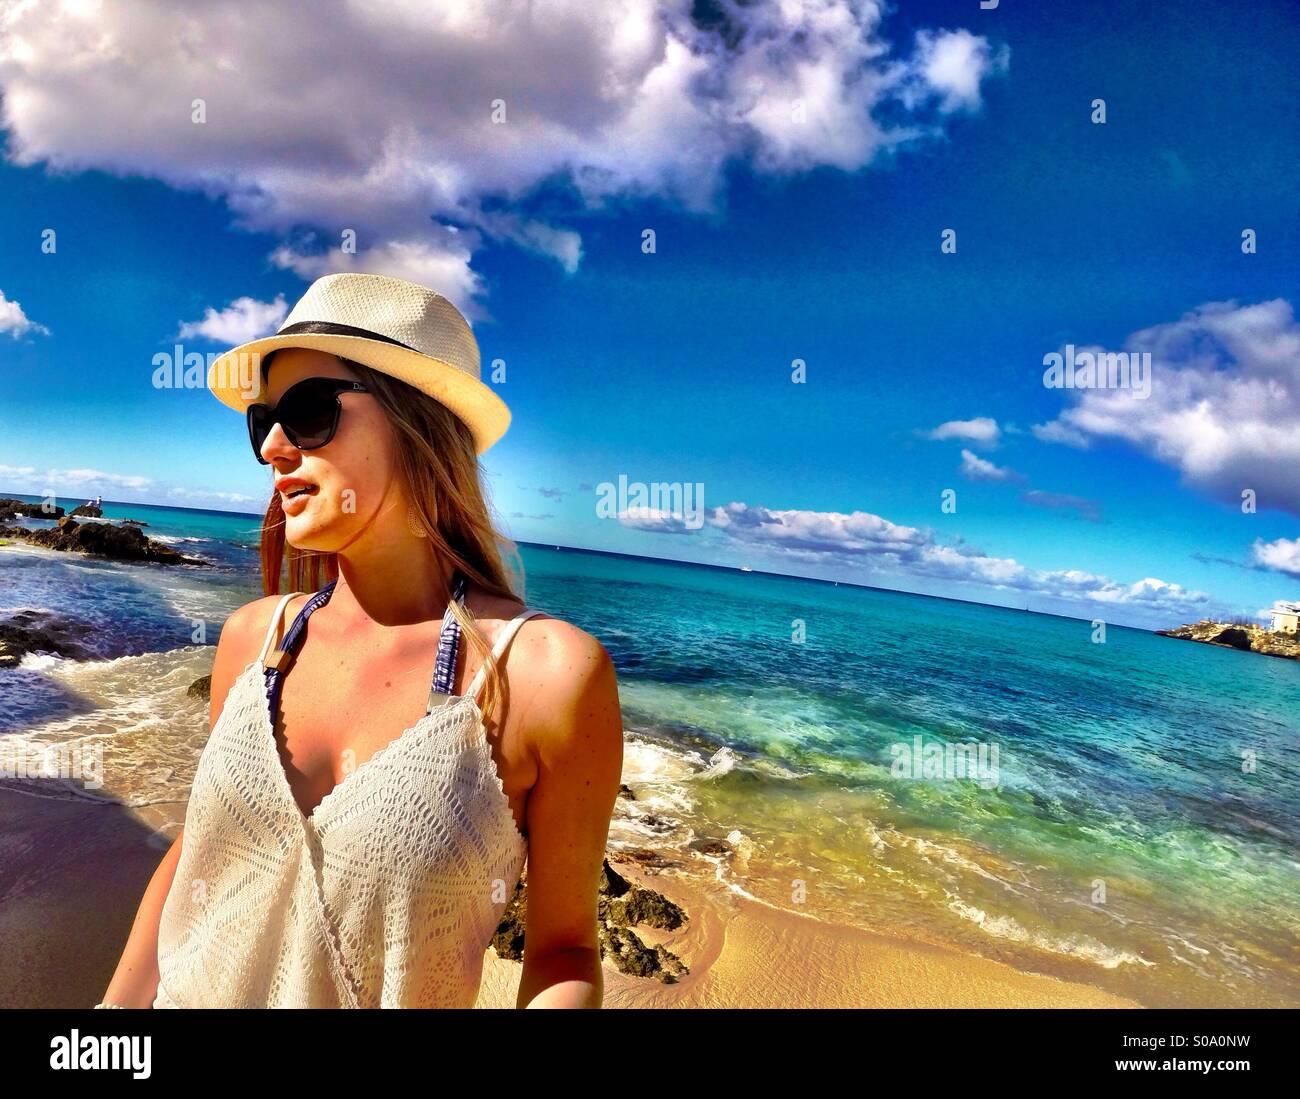 Karibischen Lifestyle - Mode, Entspannung, Strand, blau Stockbild